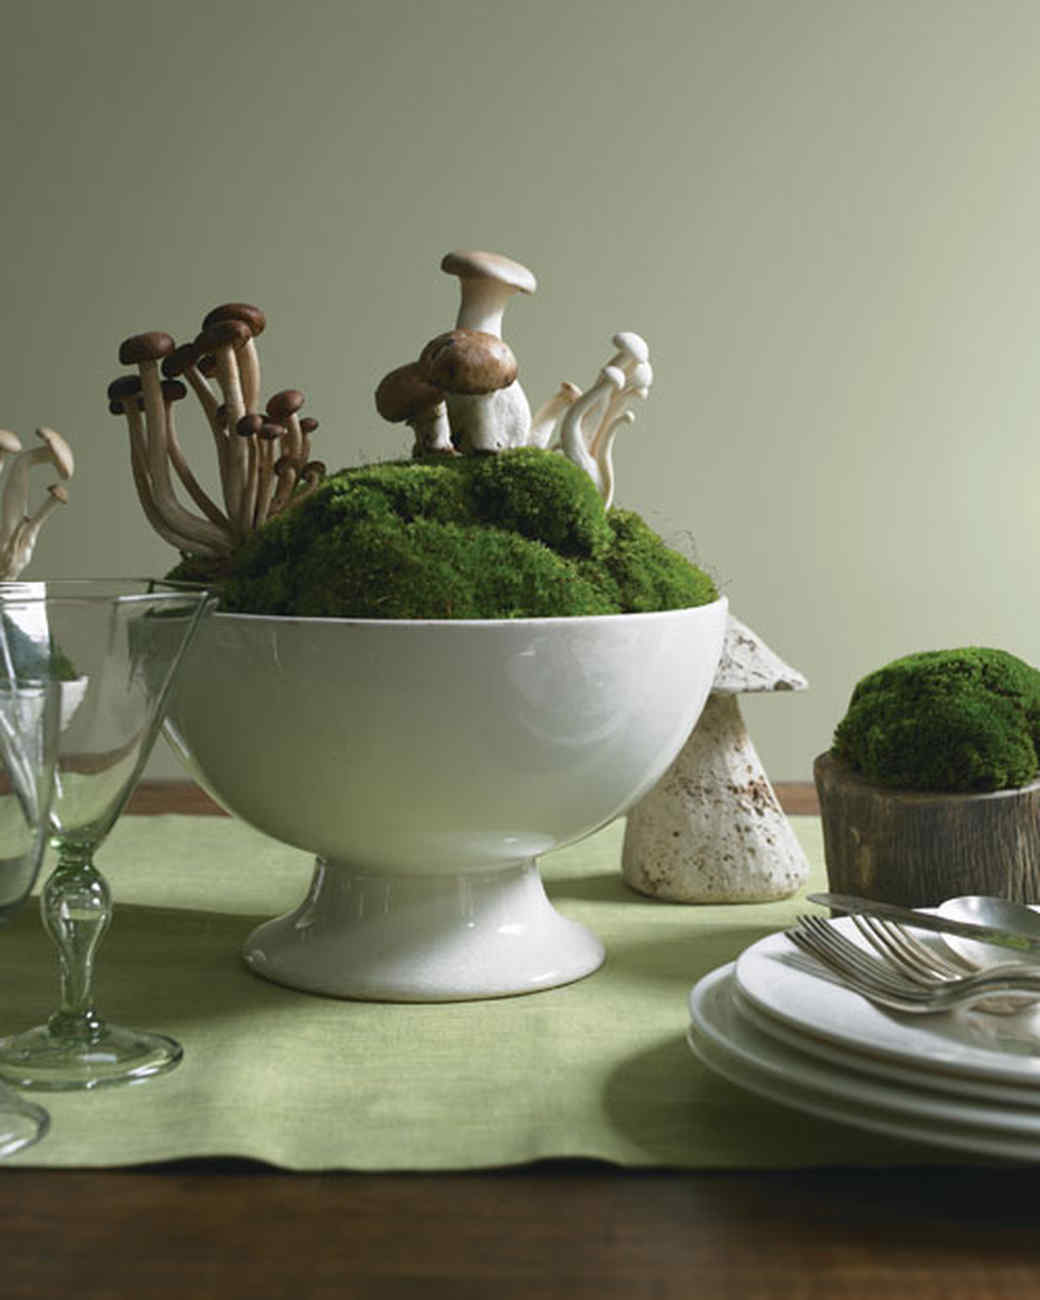 Mushroom and Moss Centerpiece